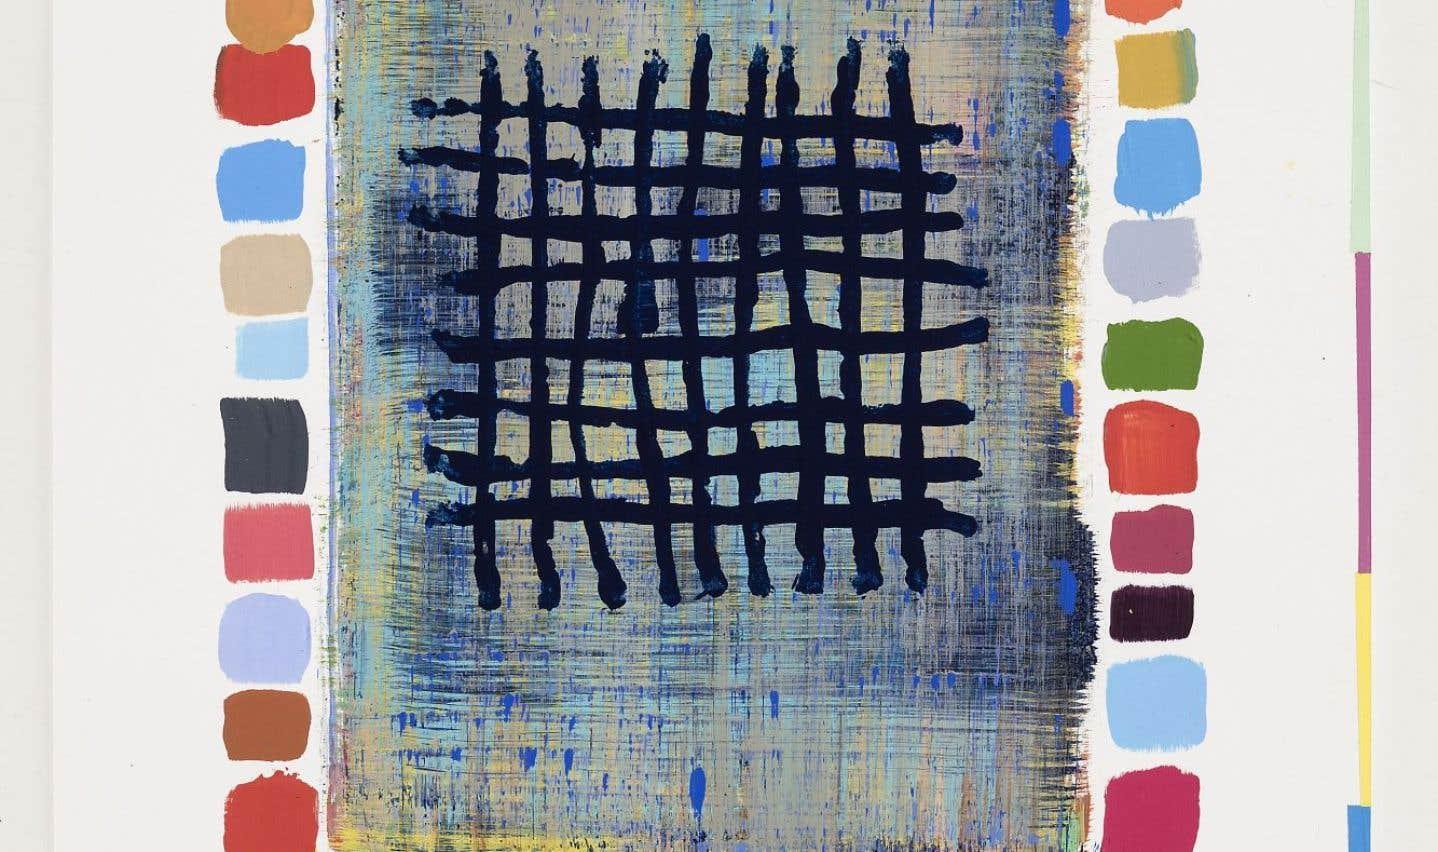 Œuvre réalisée par Mario Côté en 2014, intitulée Restes et Cluster 15